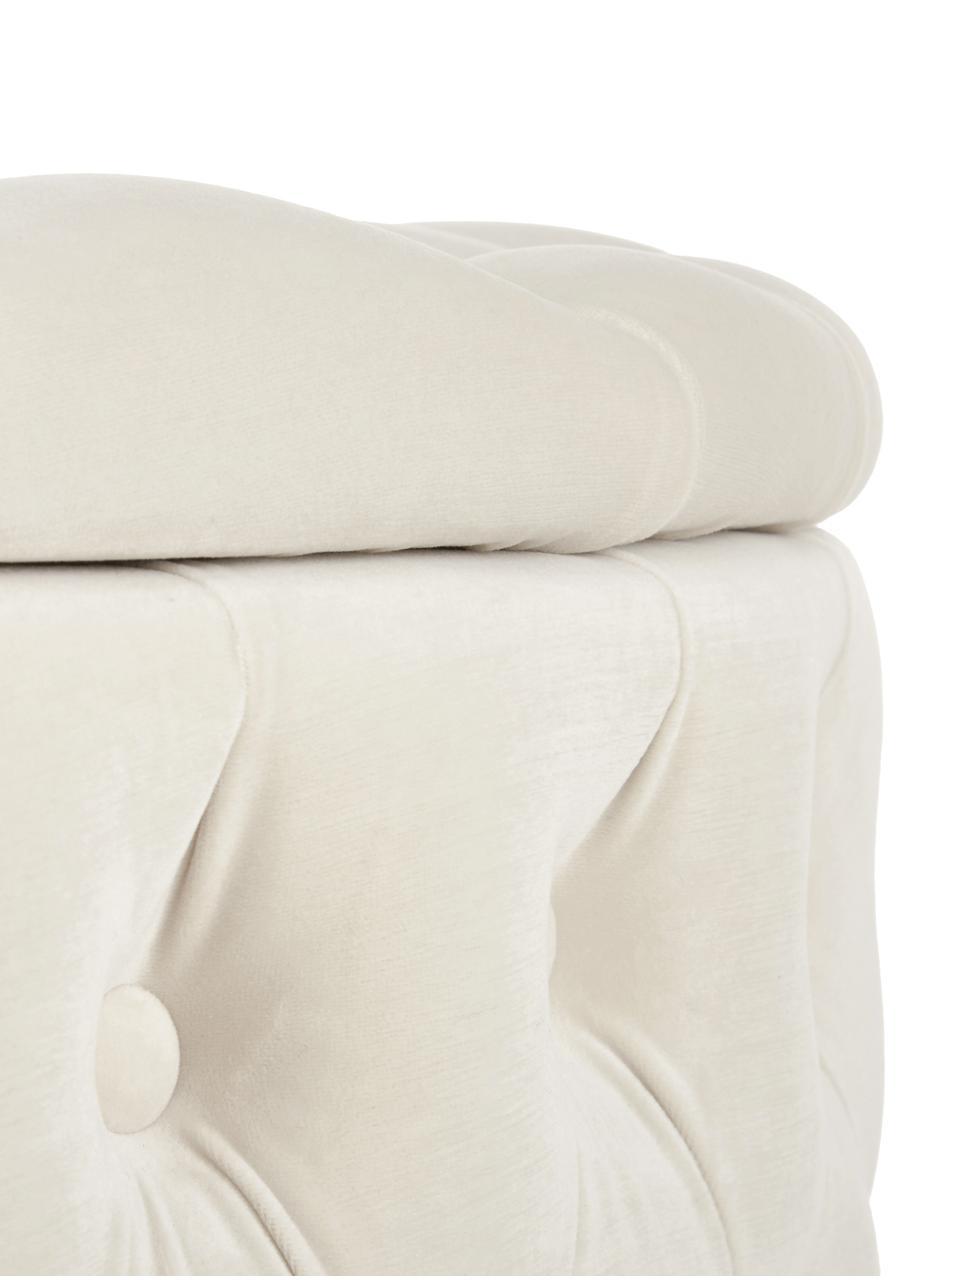 Pouf coffre XL en velours Chiara, Blanc crème